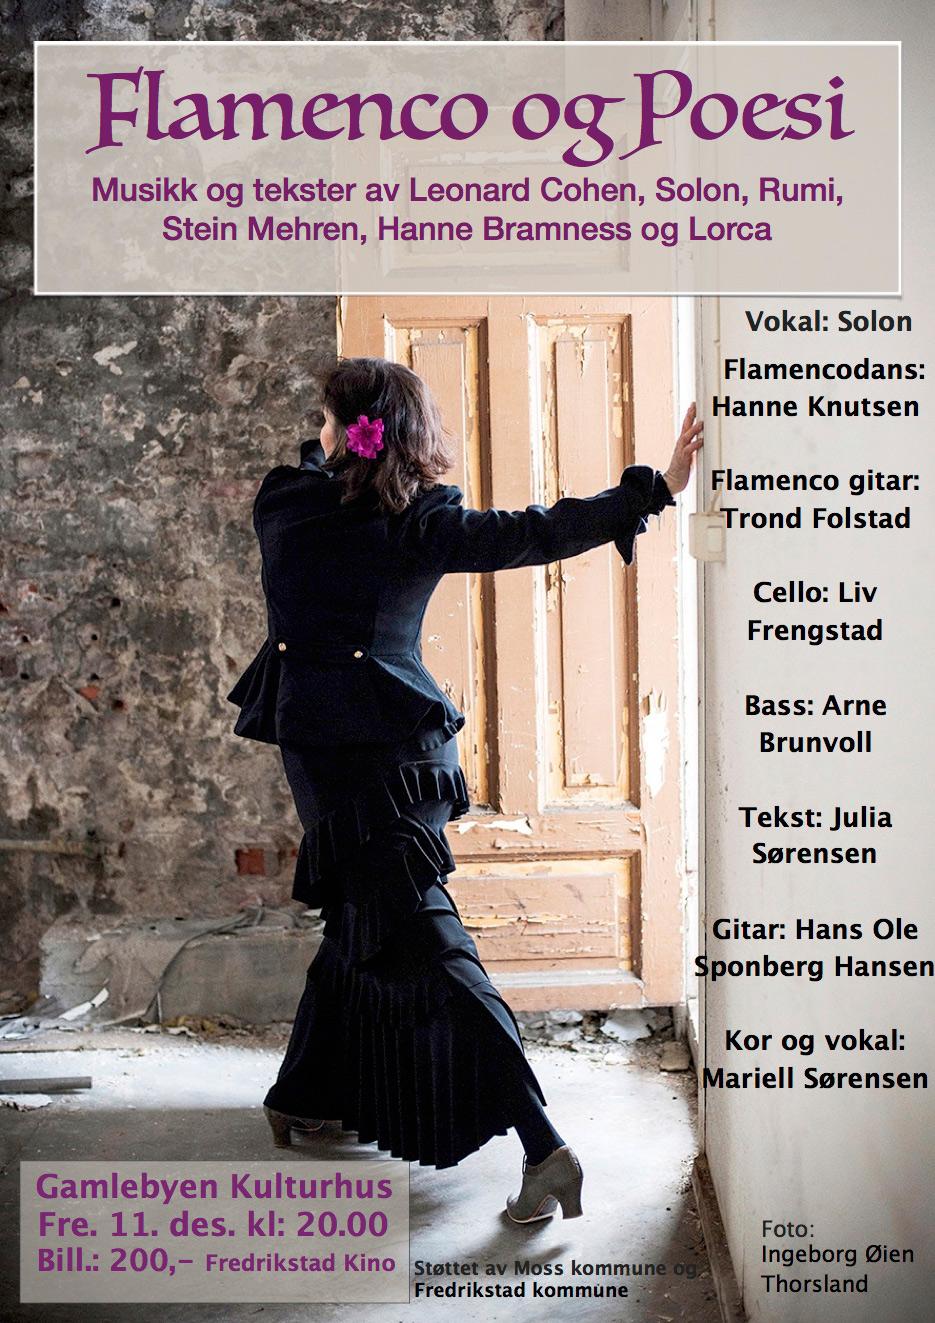 flamenco og poesi - Gamlebyen kulturhus